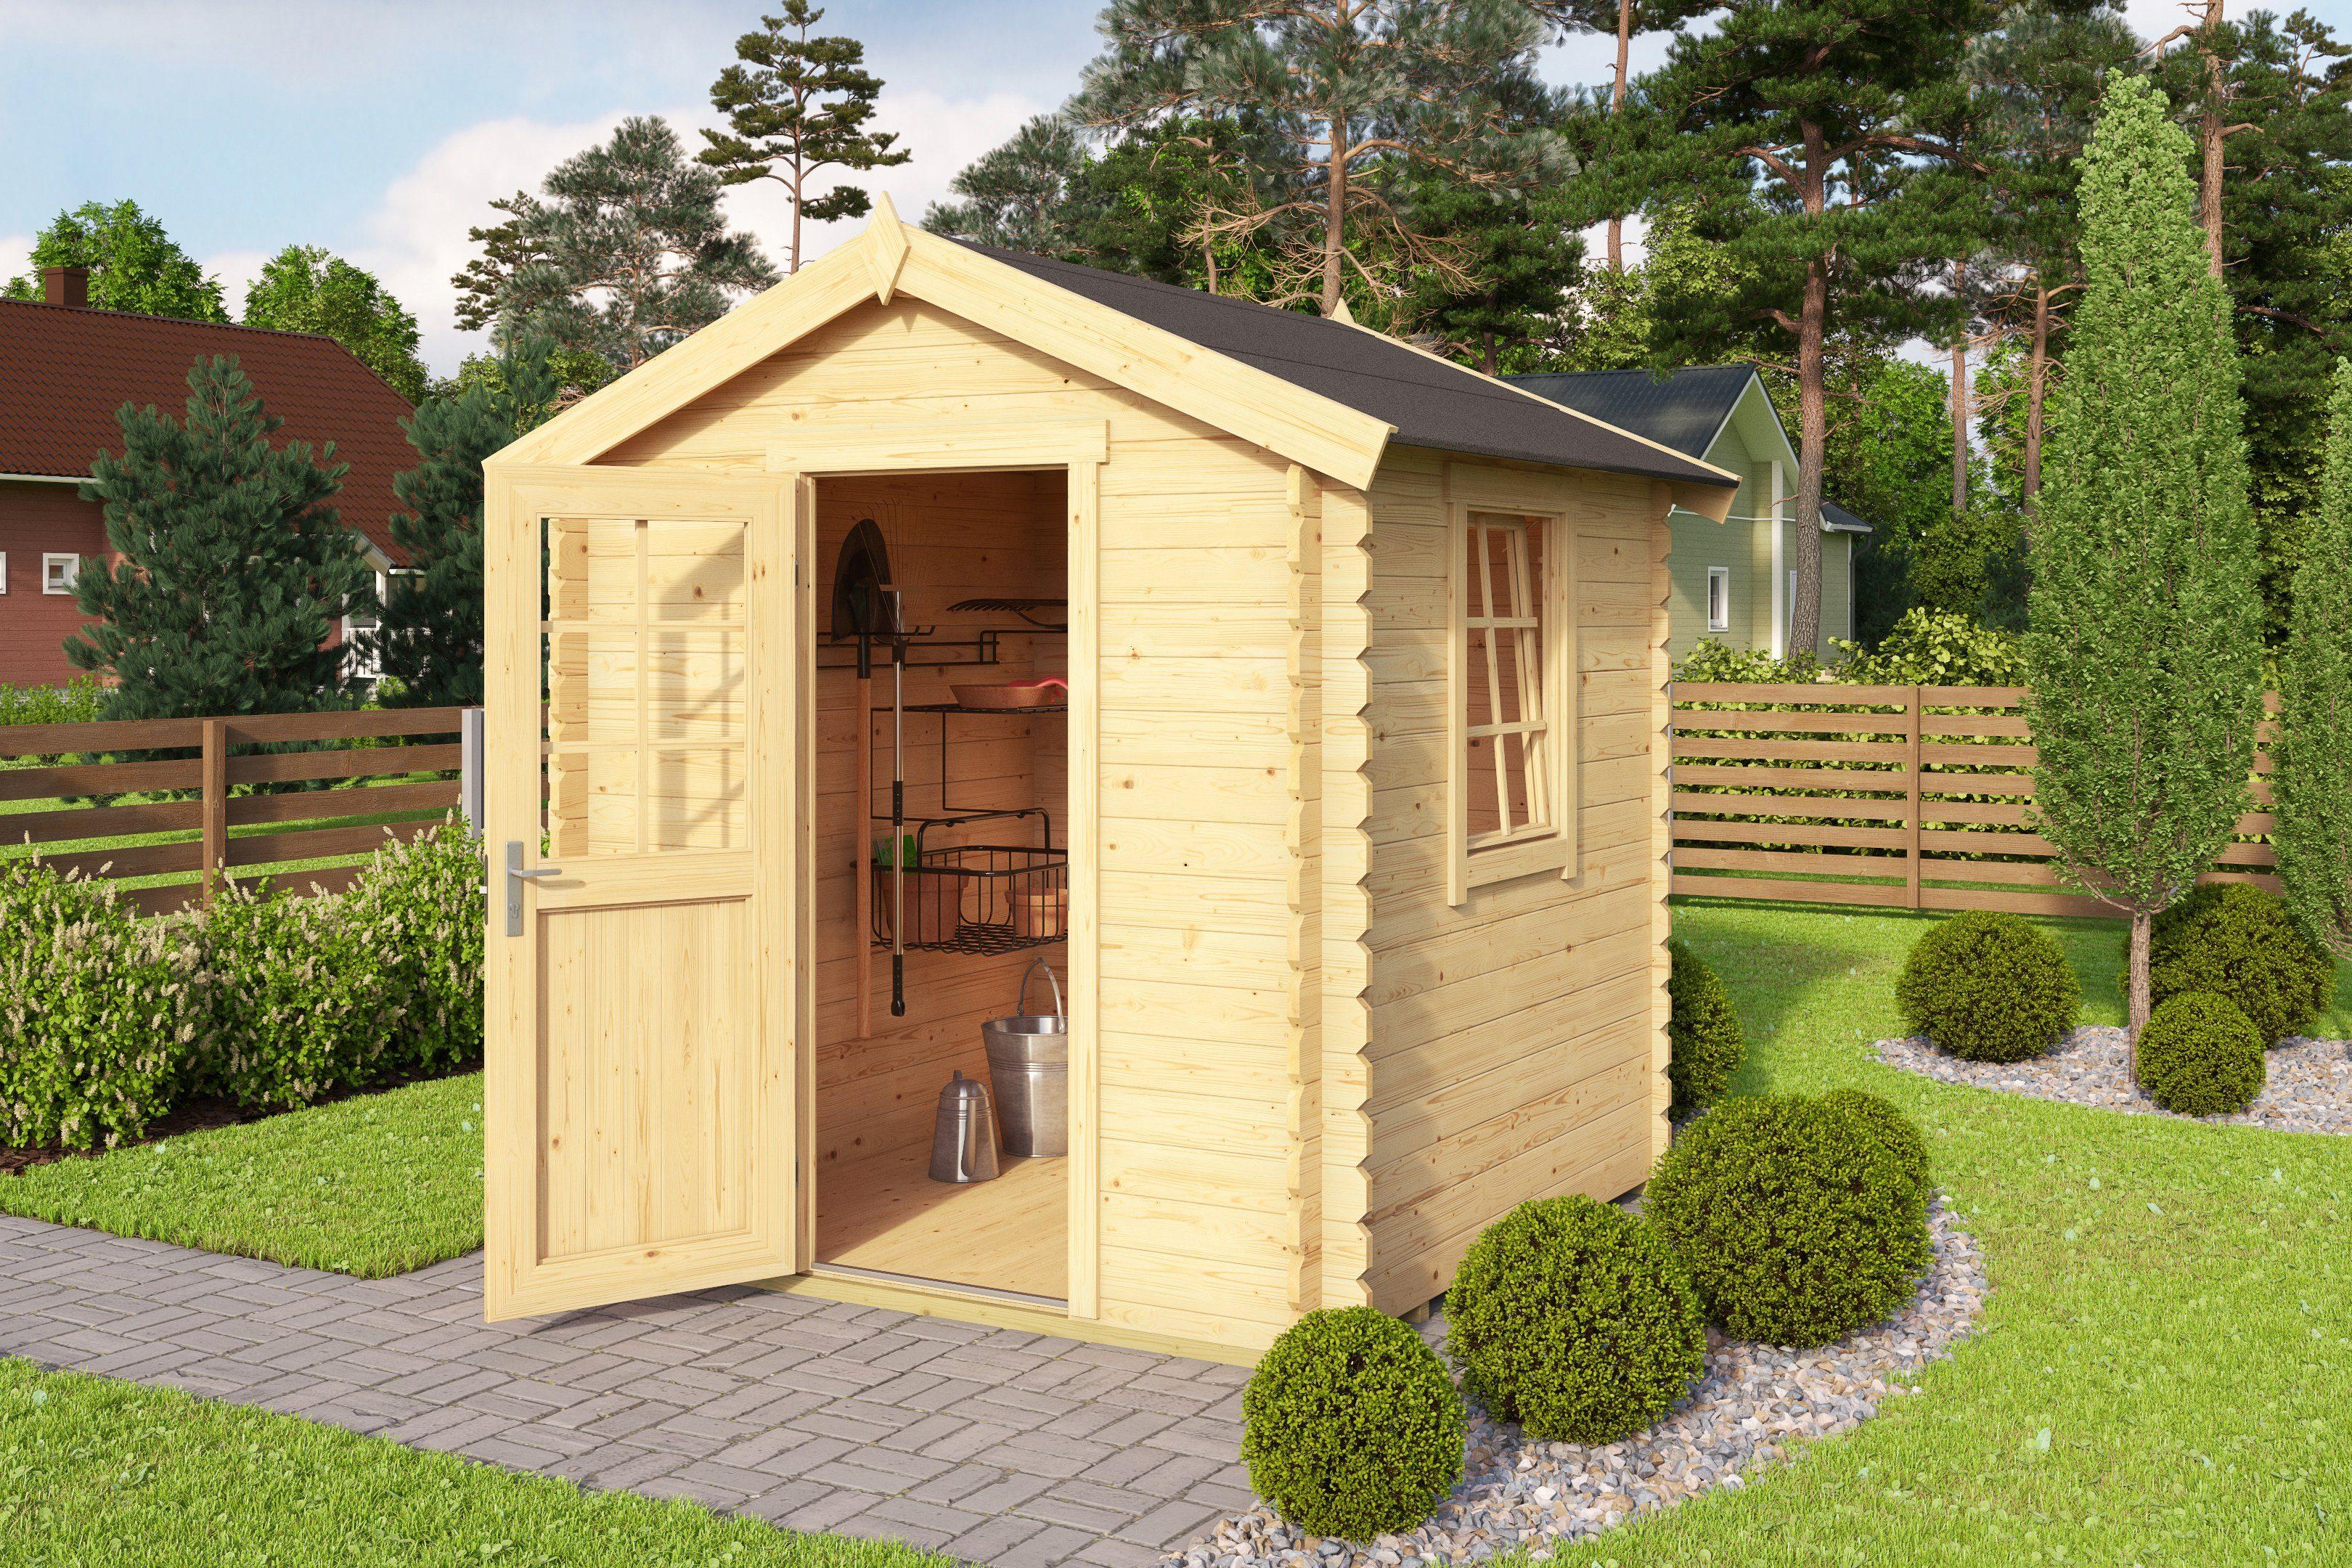 Gartenhaus Ohne Fußboden ~ Outdoor life products gartenhaus mosel « bxt cm inkl